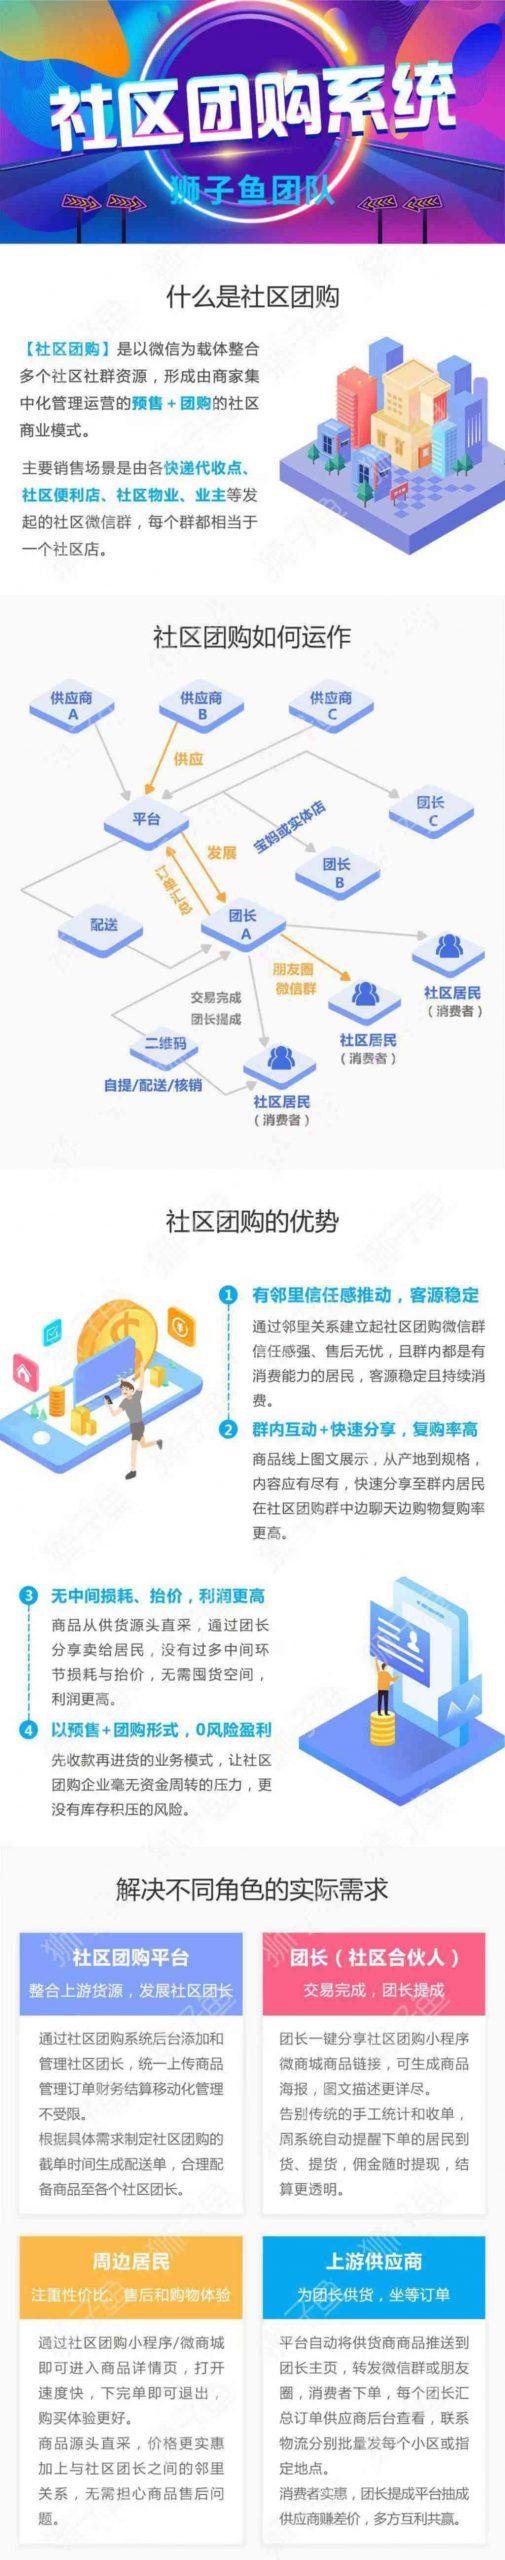 【狮子鱼社区团购】独立版狮子鱼社区团购小程序 V13.0.2,支持正版,请勿商用插图